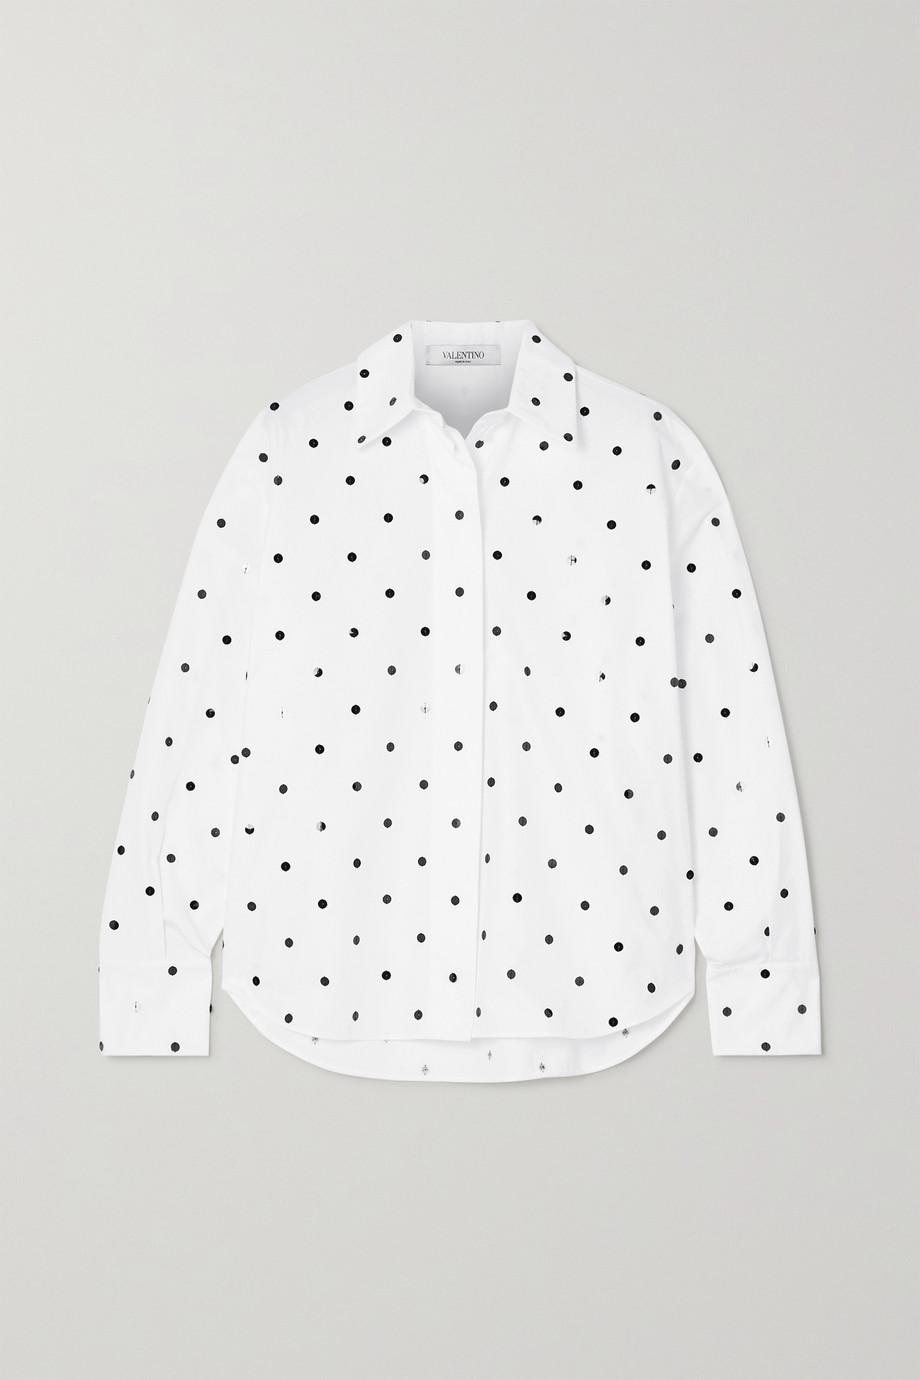 Valentino Hemd aus Baumwollpopeline mit Pailletten